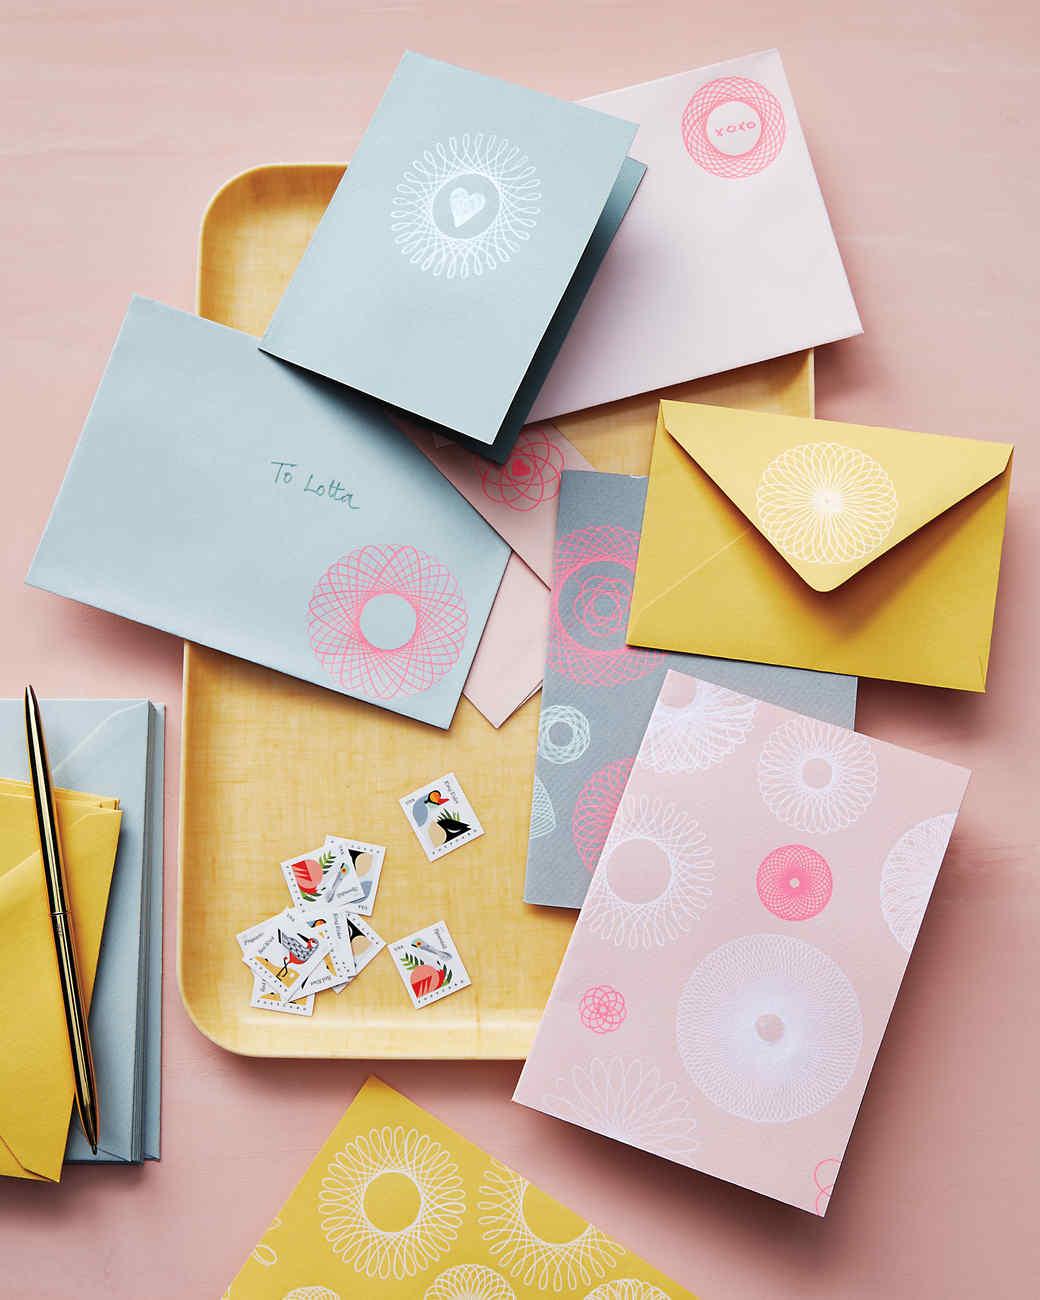 spirograph-cards-still-life-184-d112641.jpg